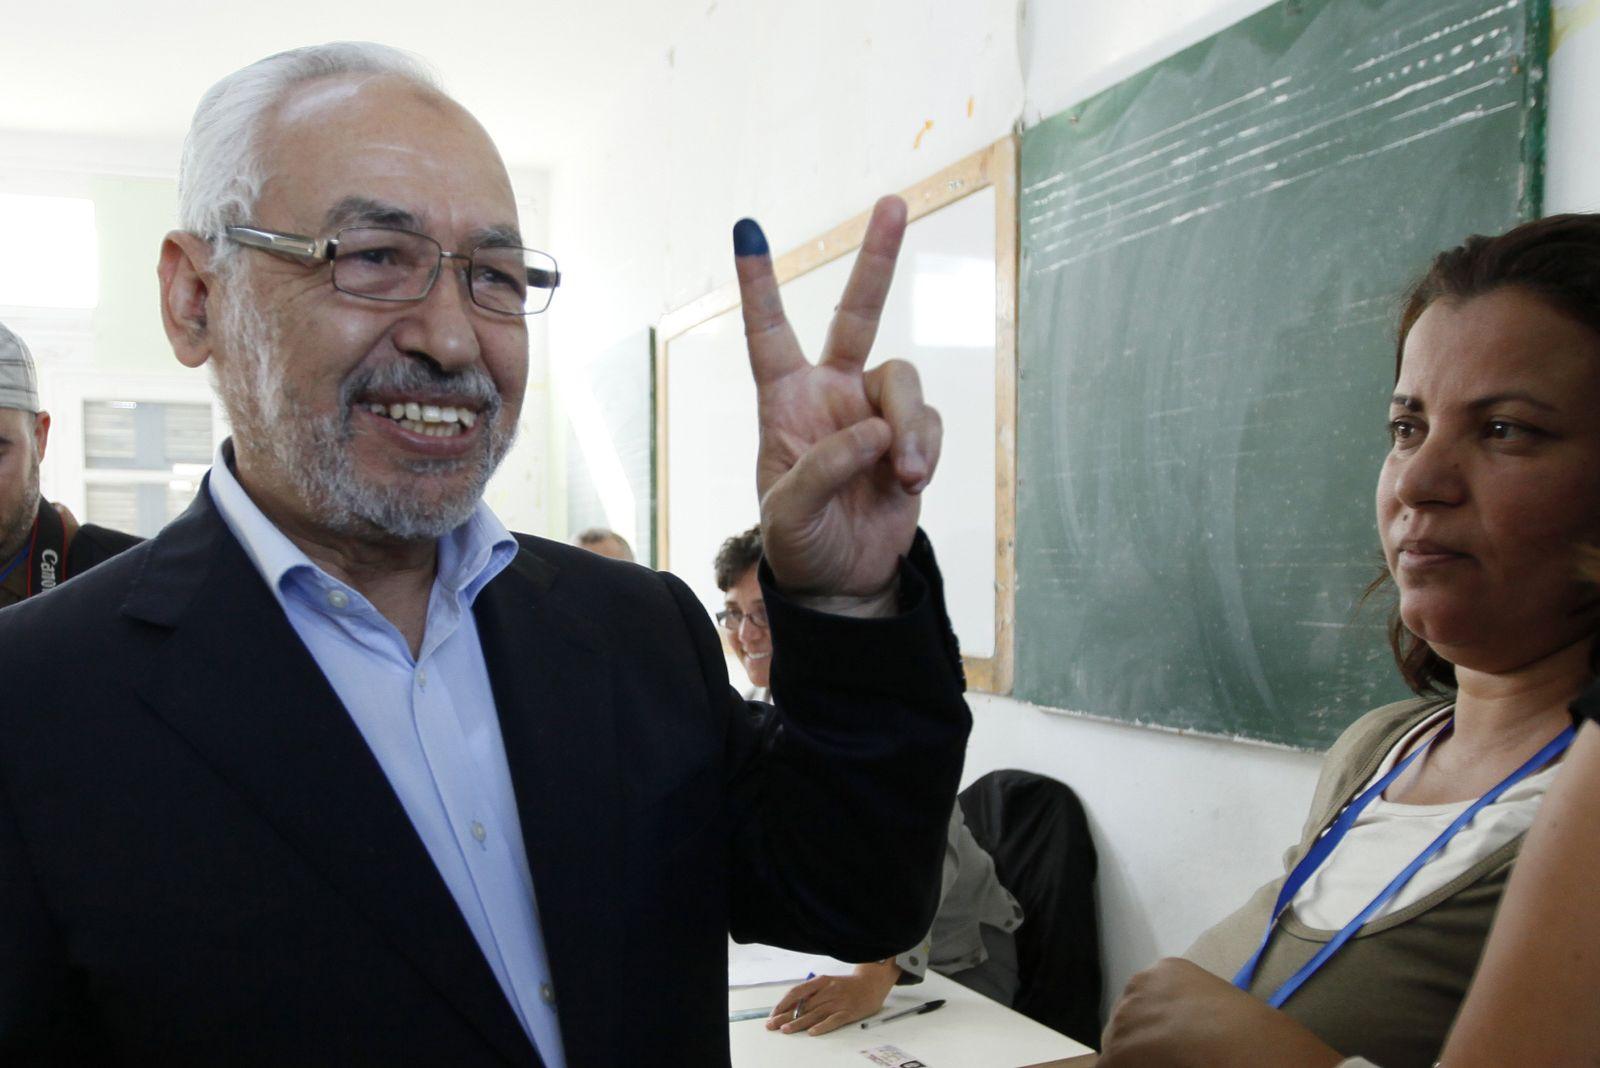 Ghannouchi/ Wahl